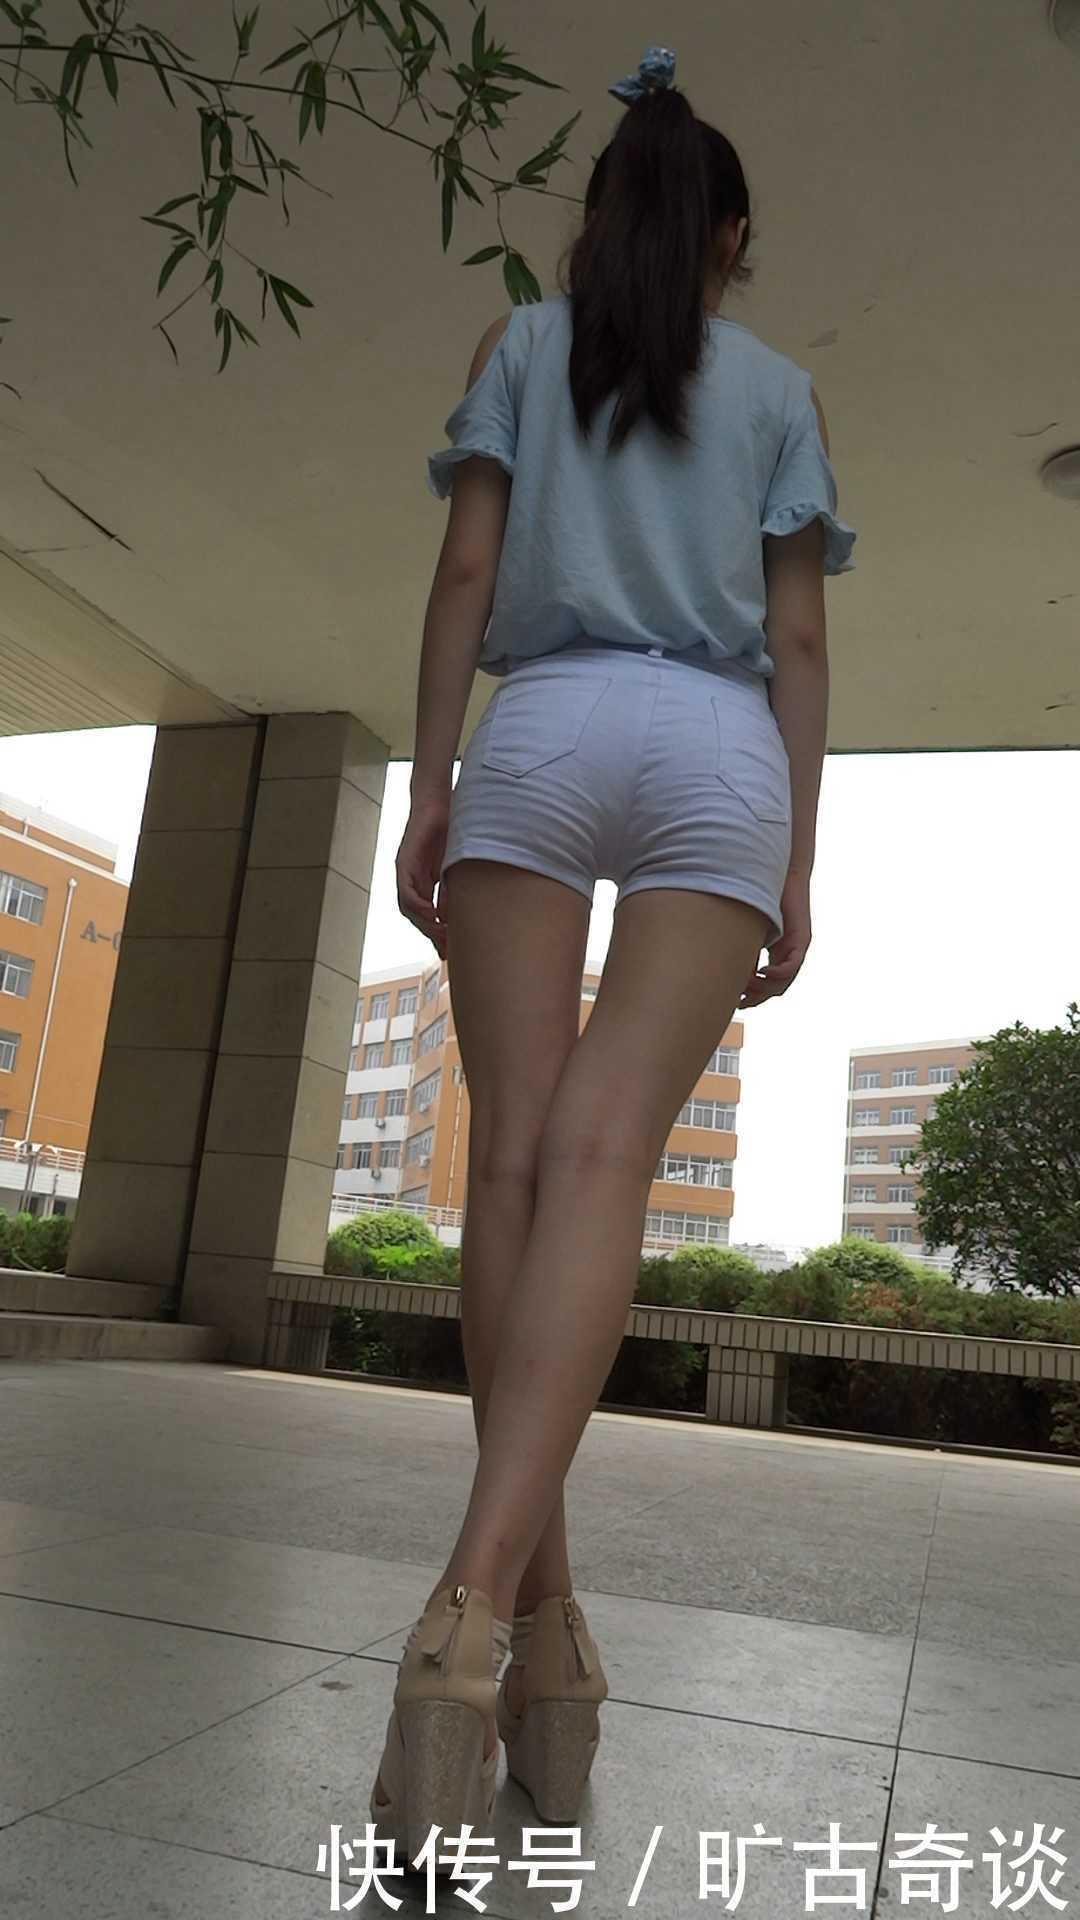 街拍白色紧身短裤美女,这臀部也是极品,果然能显出女人味